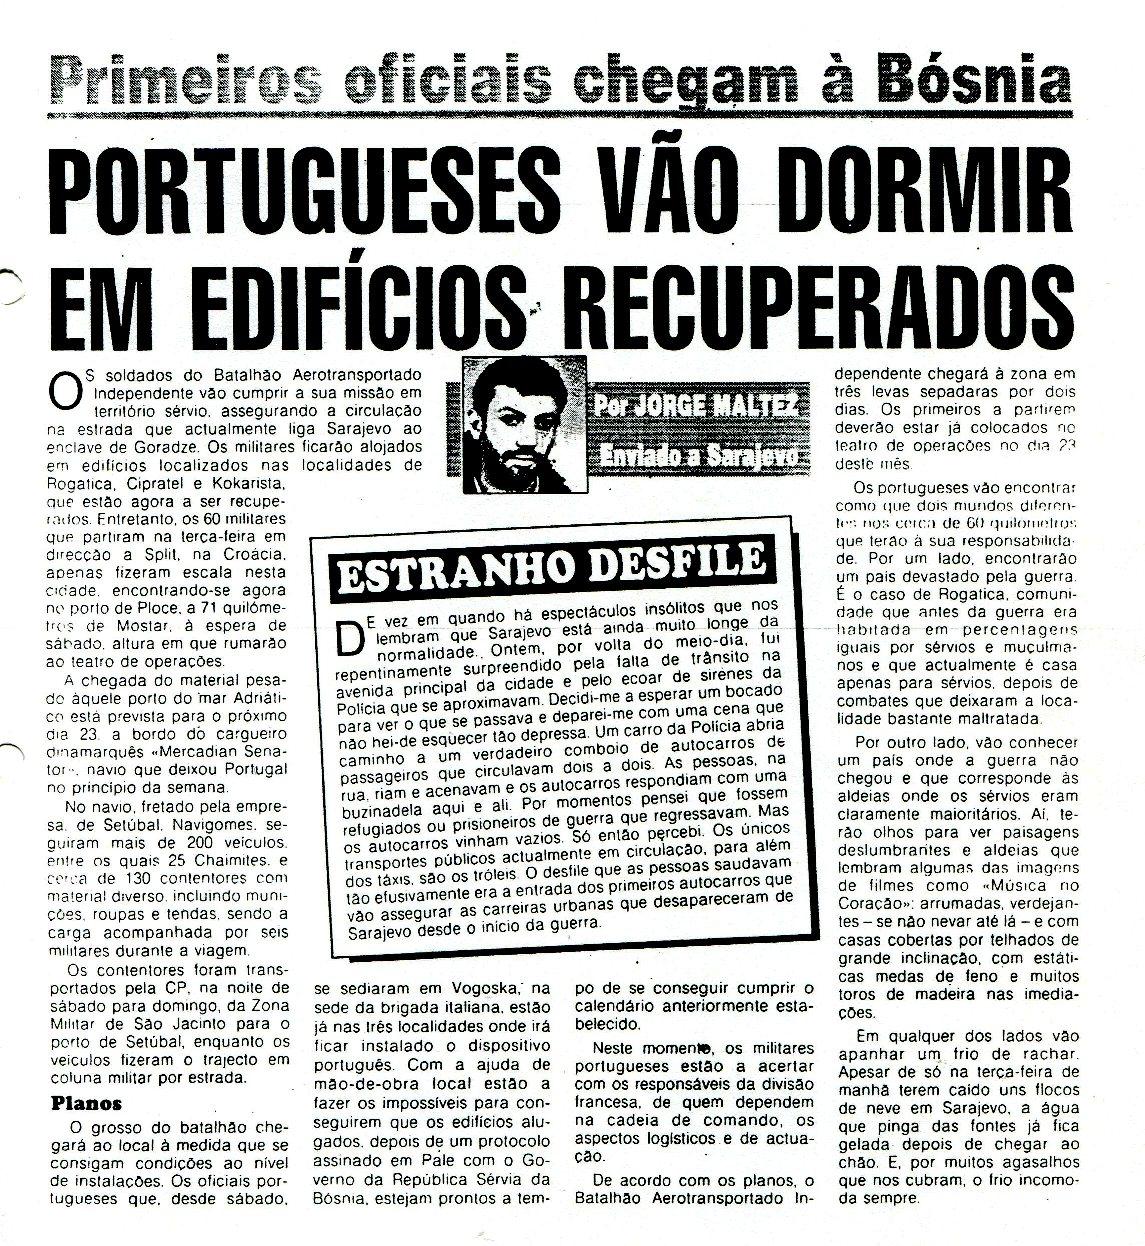 19JAN1996 - A Capital